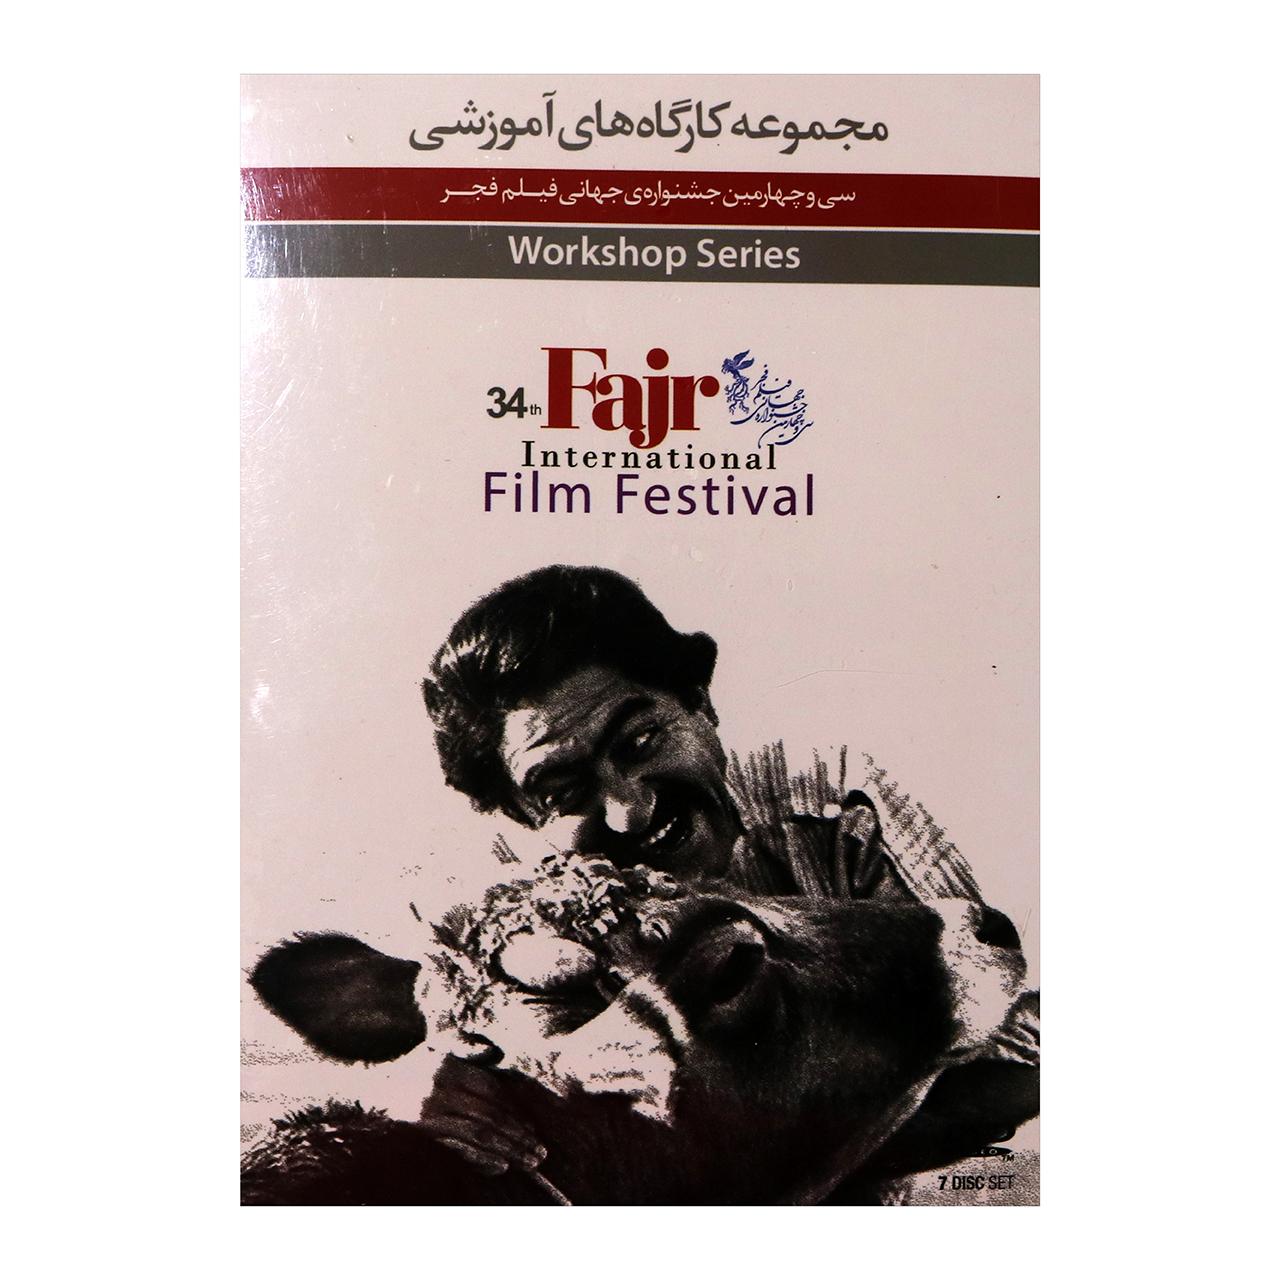 مجموعه کارگاه های آموزشی سی و چهارمین جشنواره ی جهانی فیلم فجر از شهر فرنگ